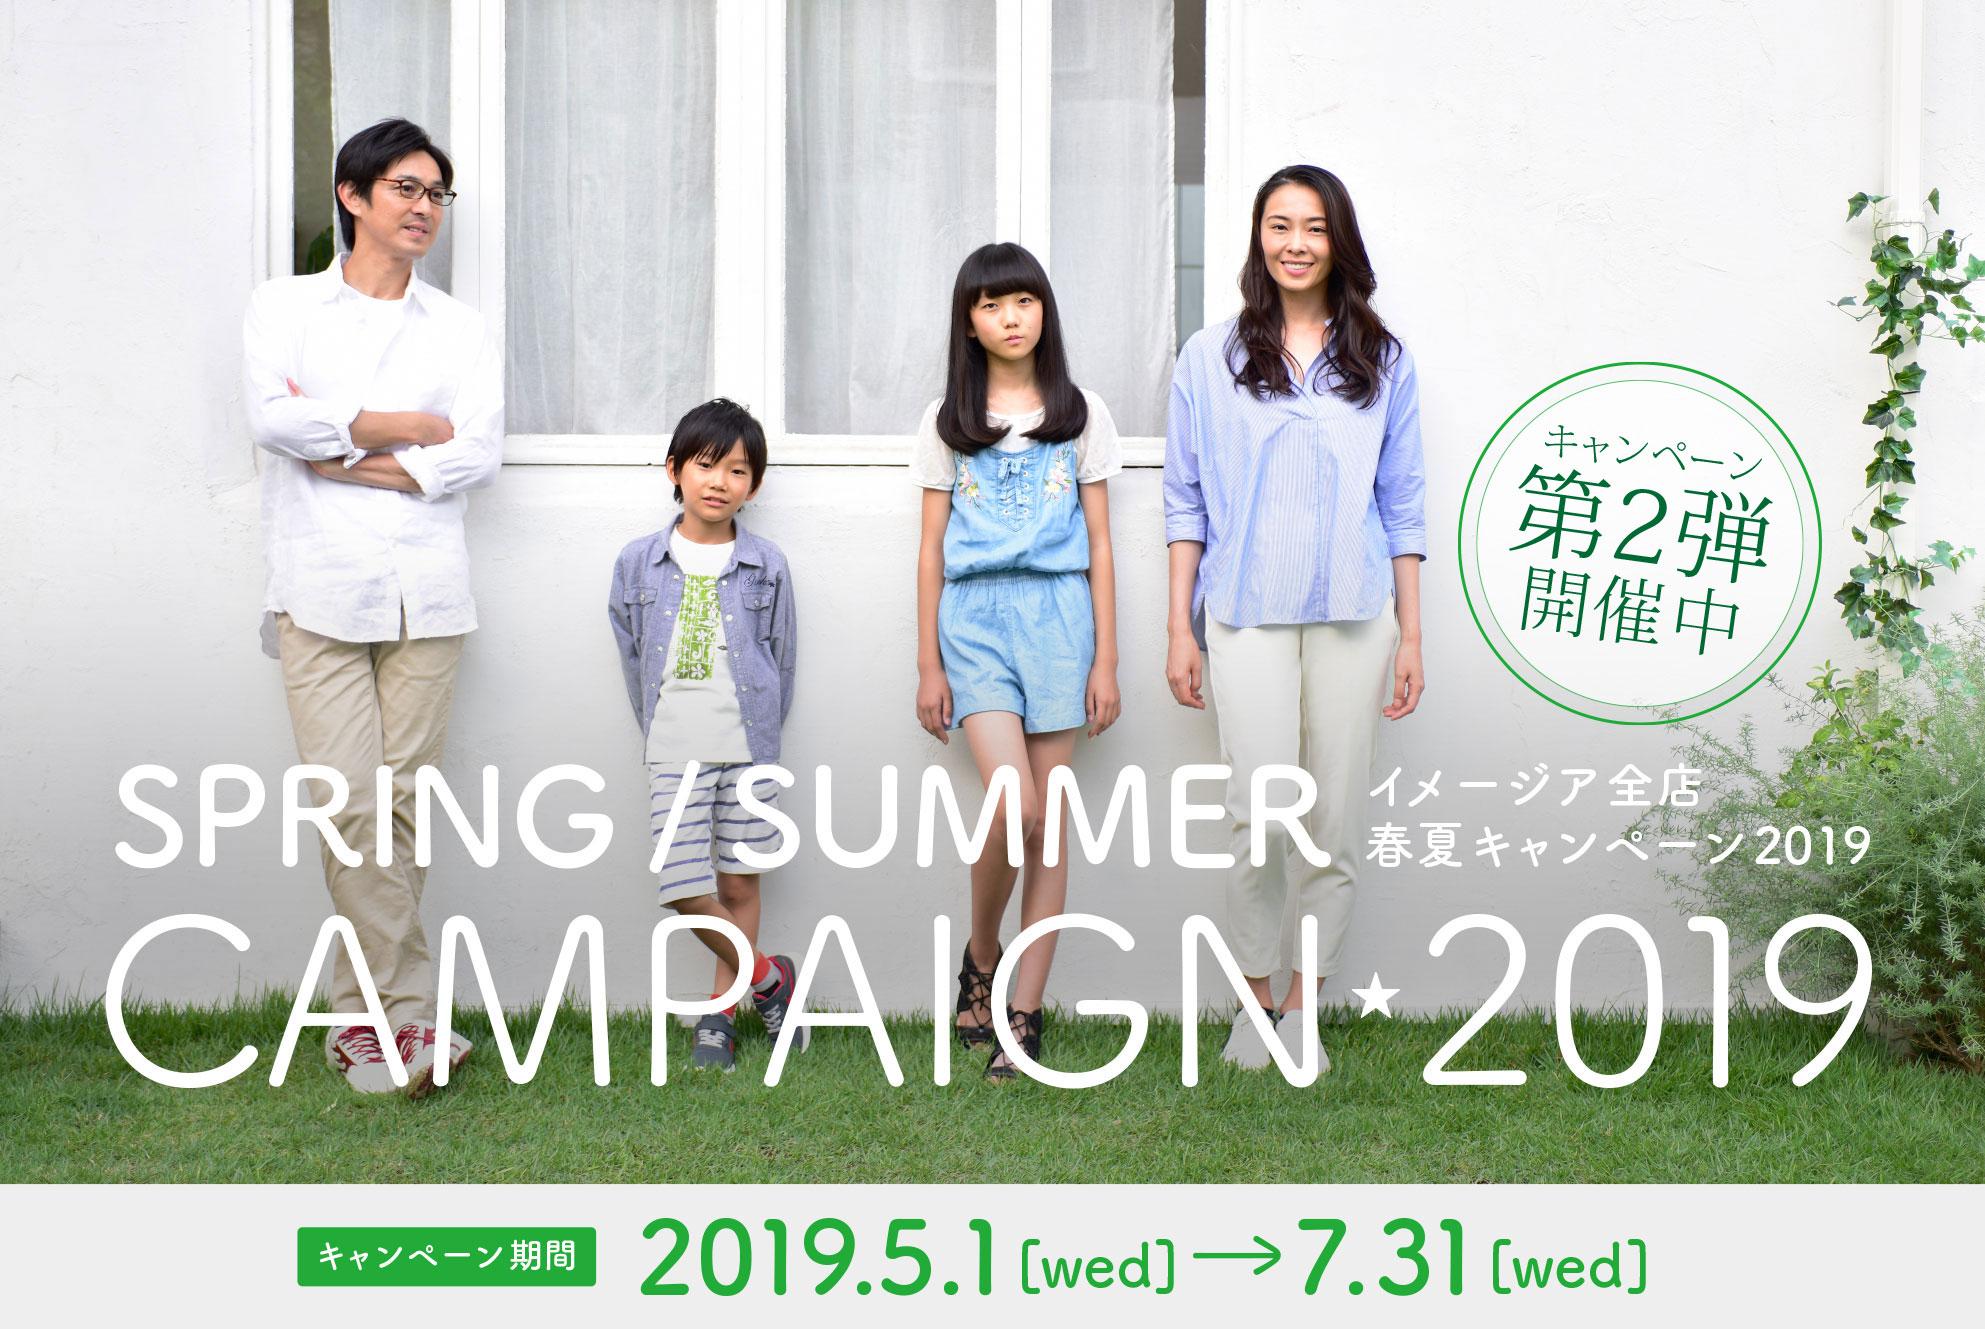 イメージア全店★春夏キャンペーン2019第2弾